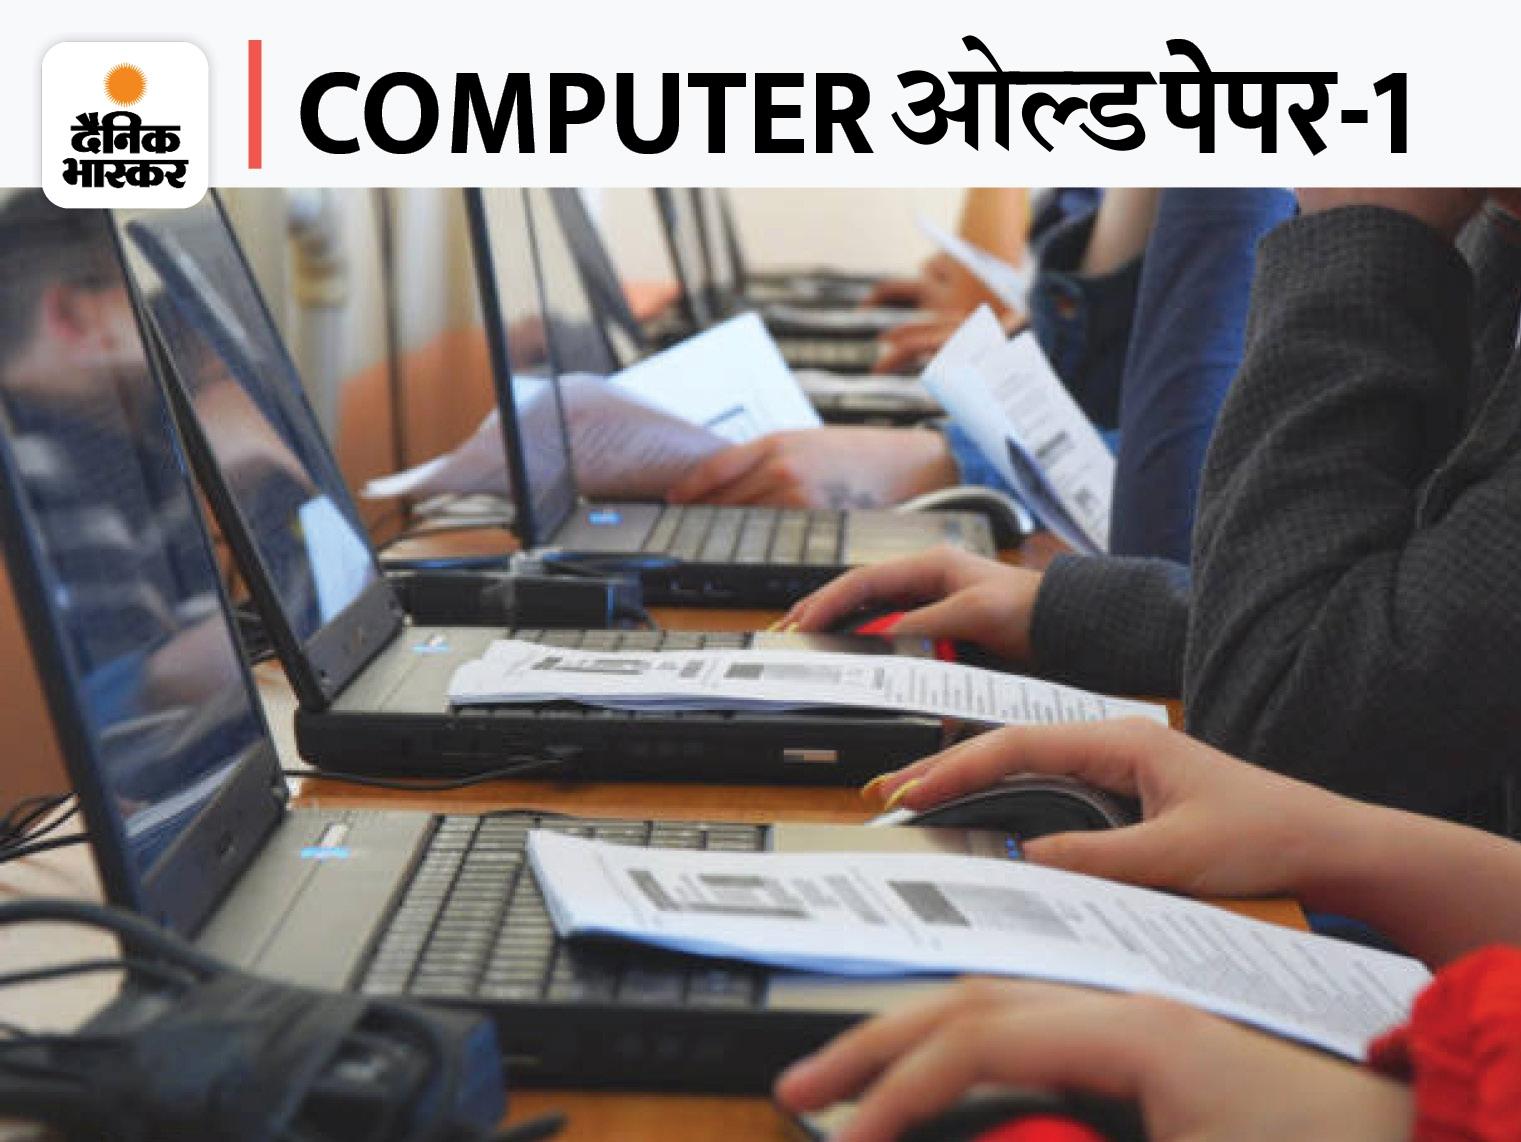 कई प्रतियोगी परीक्षाओं में पूछे जा चुके हैं ये 225 सवाल, ANSWER KEY भी है साथ पटवारी भर्ती परीक्षा,RSMSSB Patwari Exam 2021 - Dainik Bhaskar